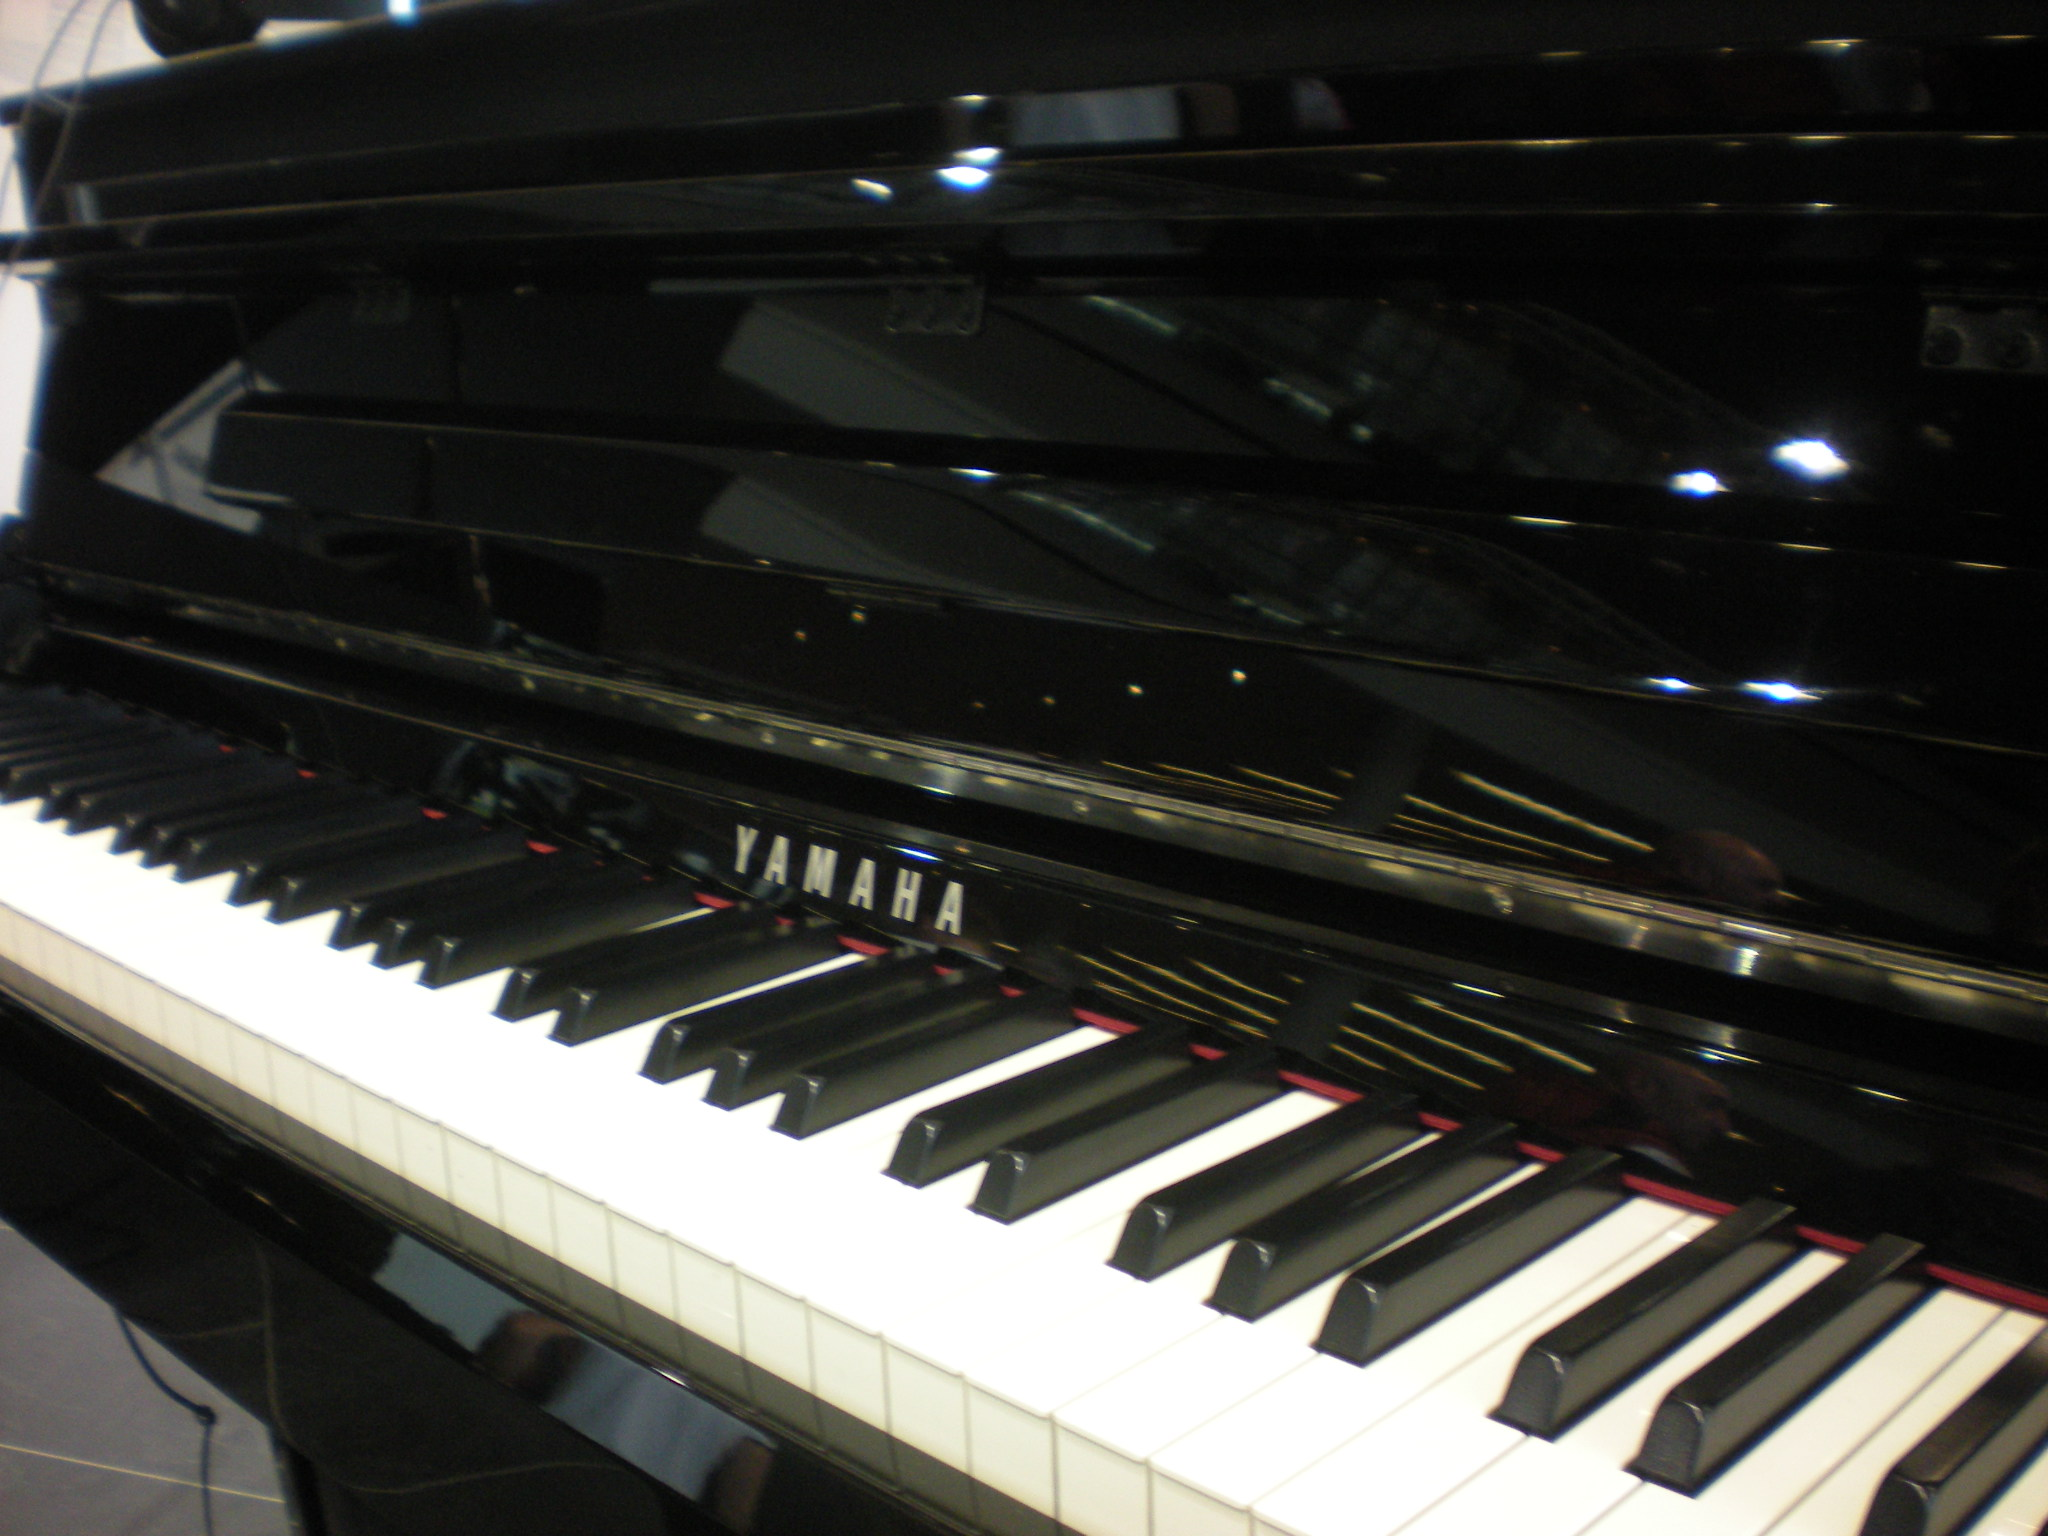 Yamaha_Clavinova_CLP-585_keyboard.JPG